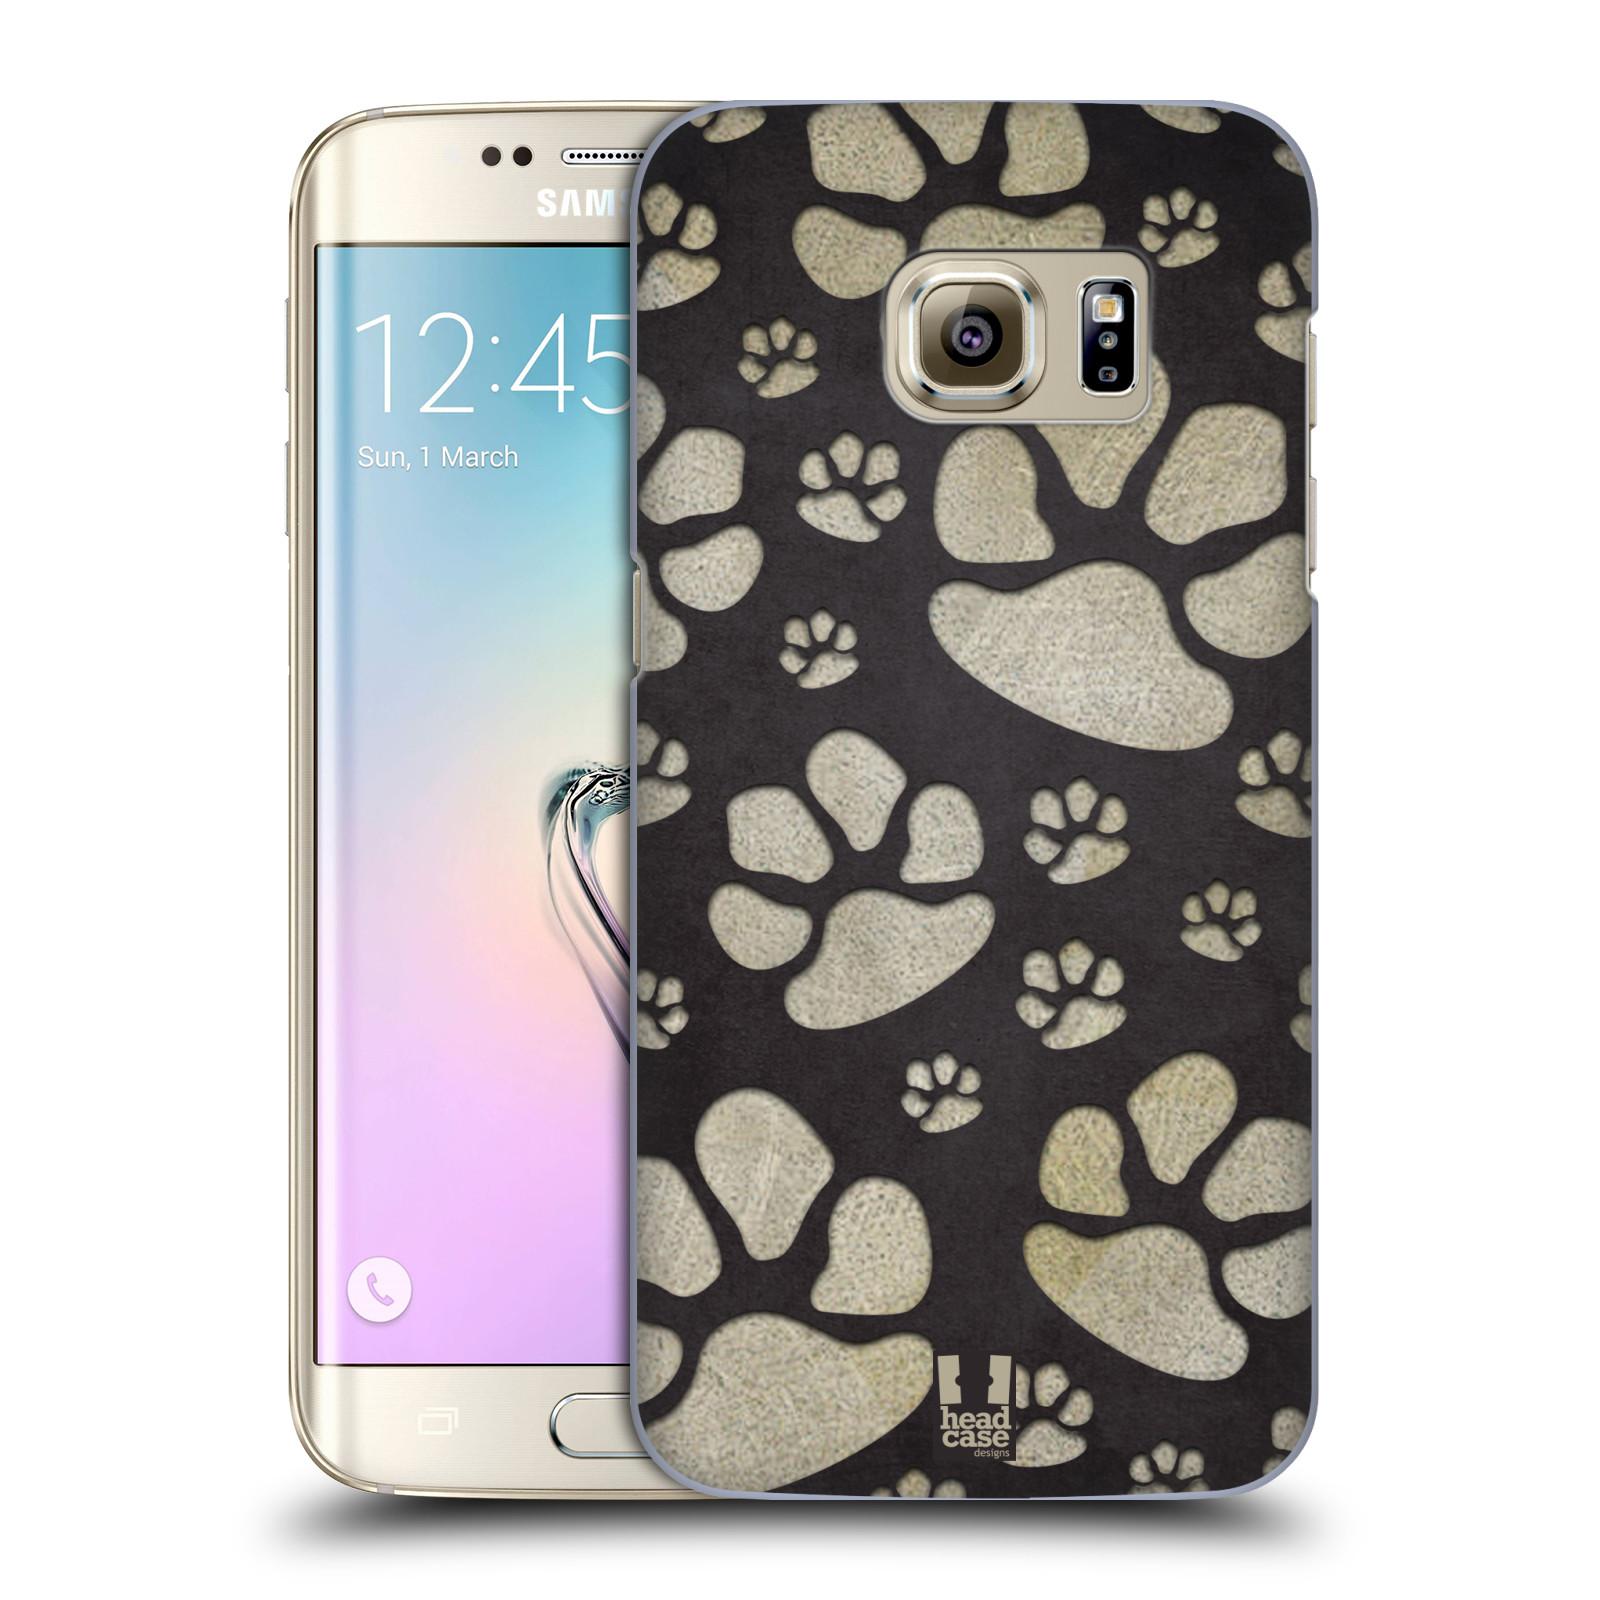 Plastové pouzdro na mobil Samsung Galaxy S7 Edge HEAD CASE TLAPKY ŠEDÉ (Kryt či obal na mobilní telefon Samsung Galaxy S7 Edge SM-G935F)